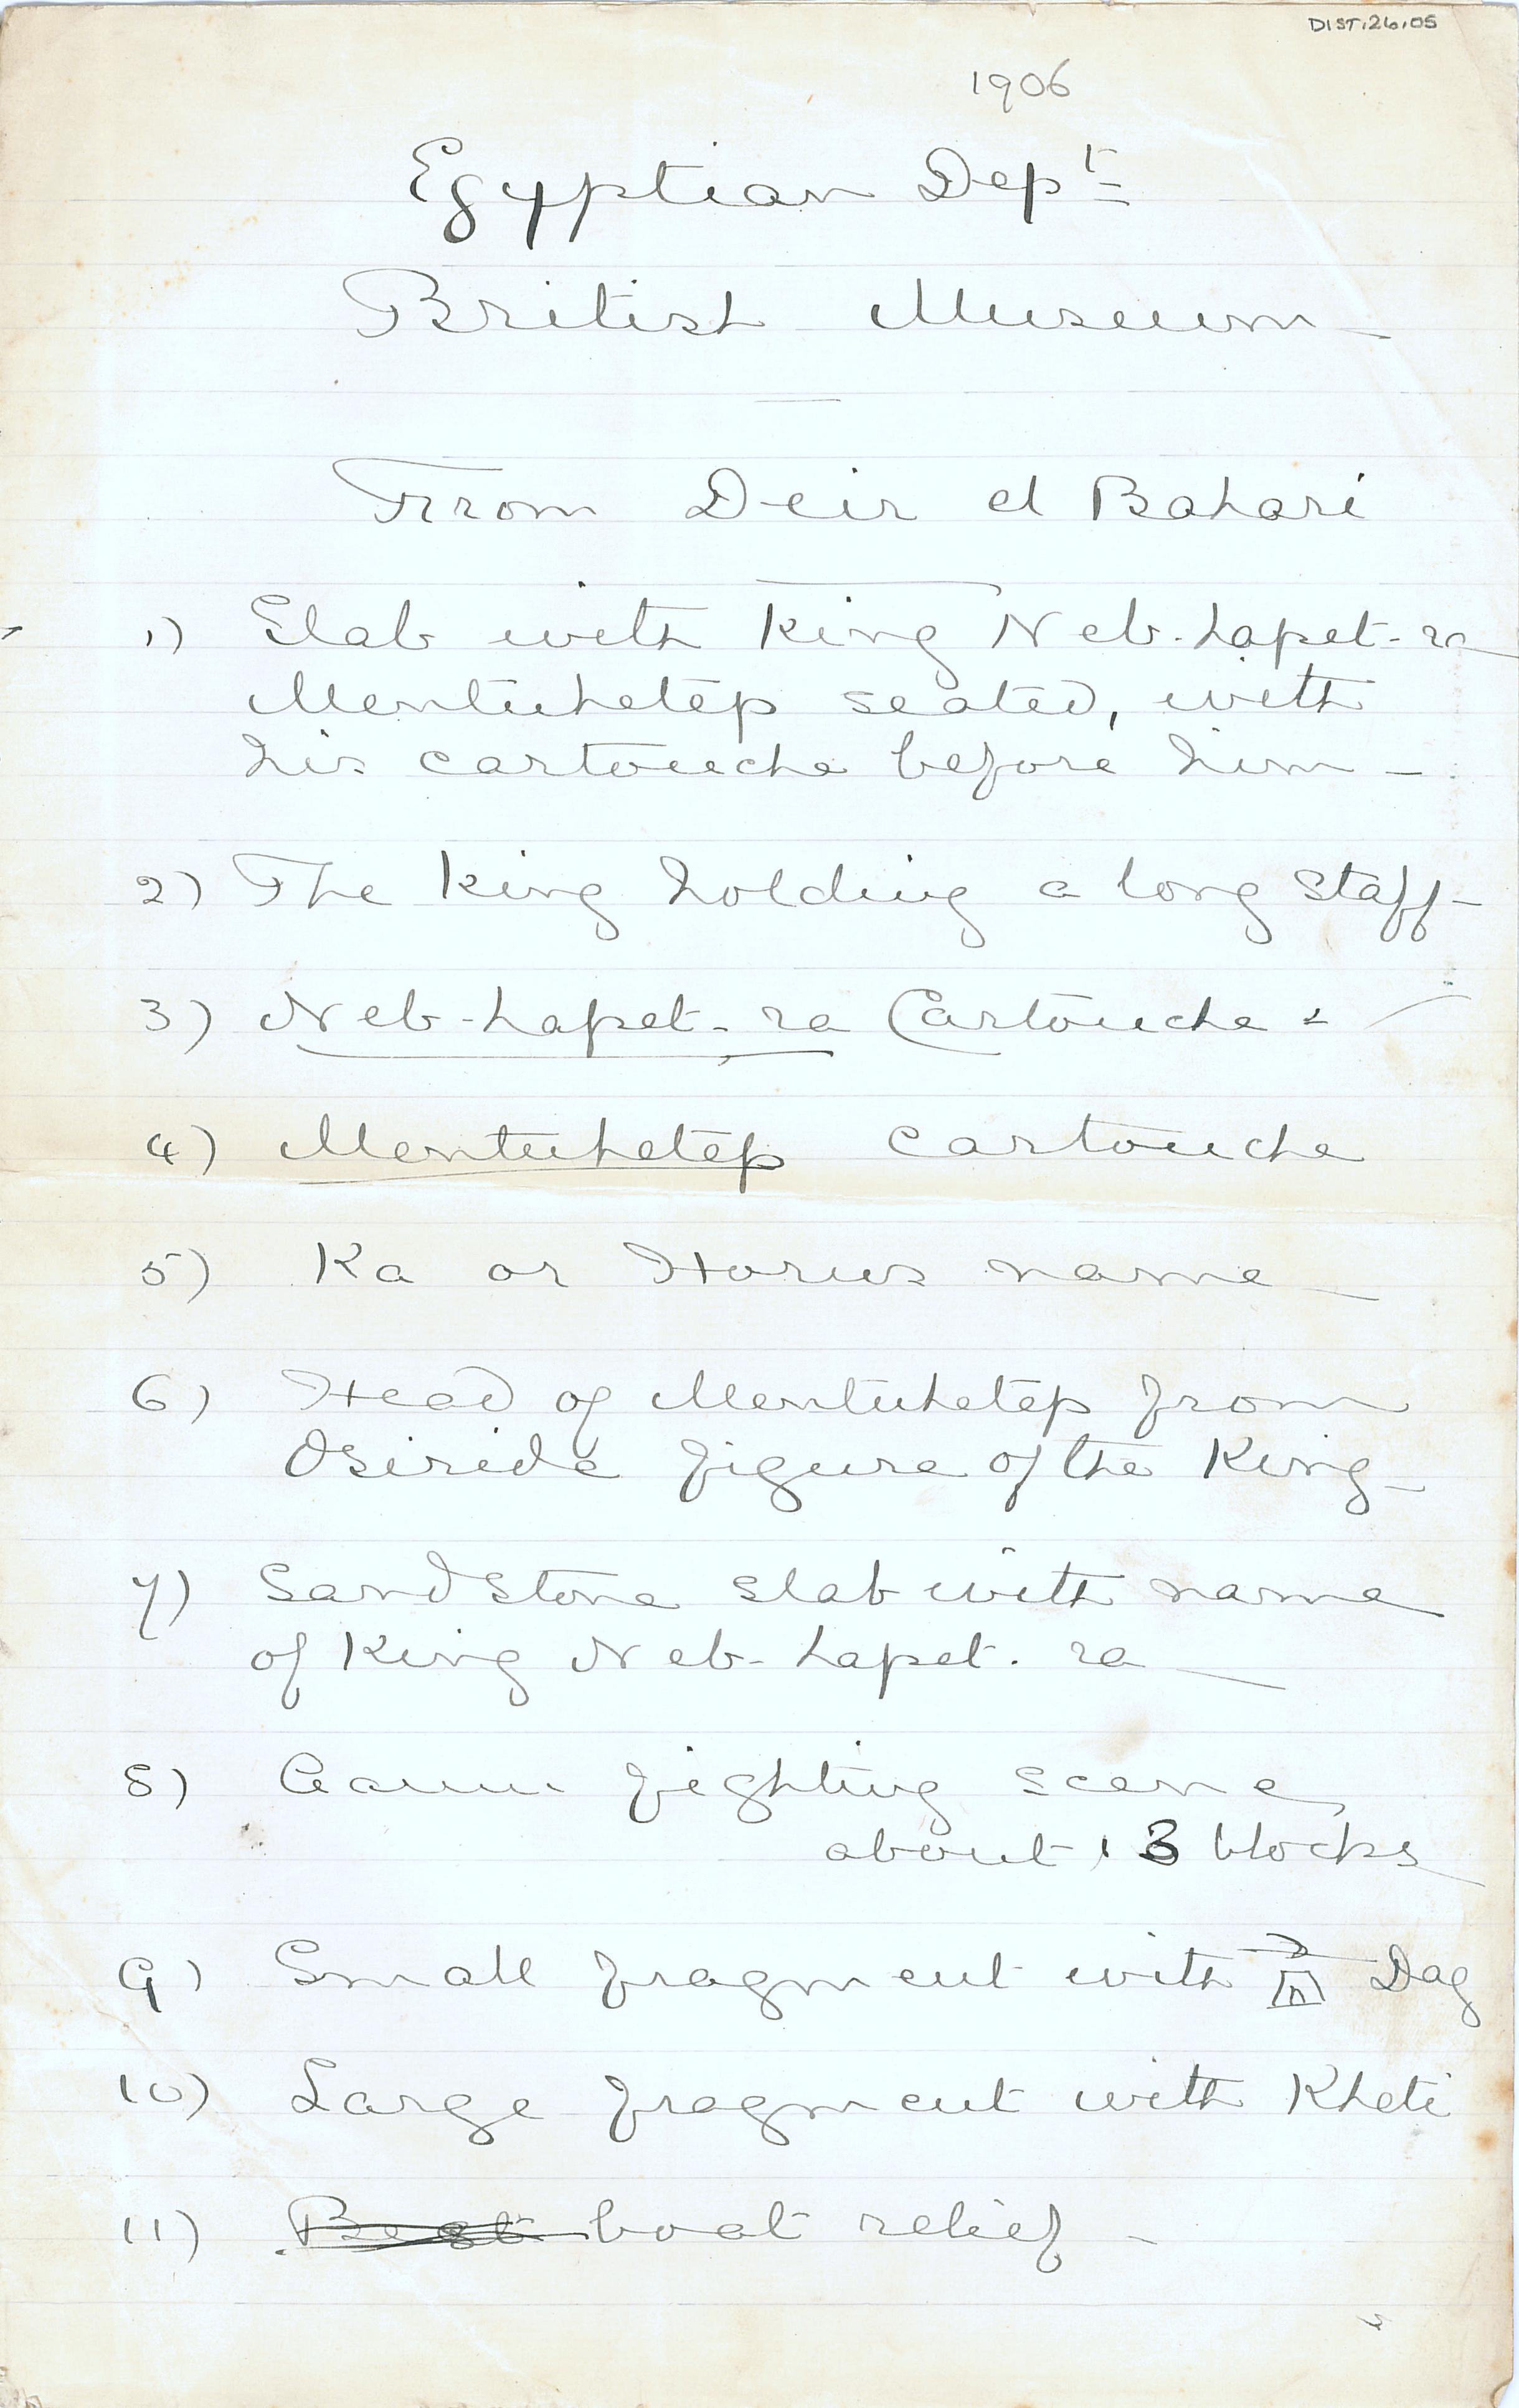 1905-06 Deir el-Bahri, Oxyrhynchus DIST.26.05a